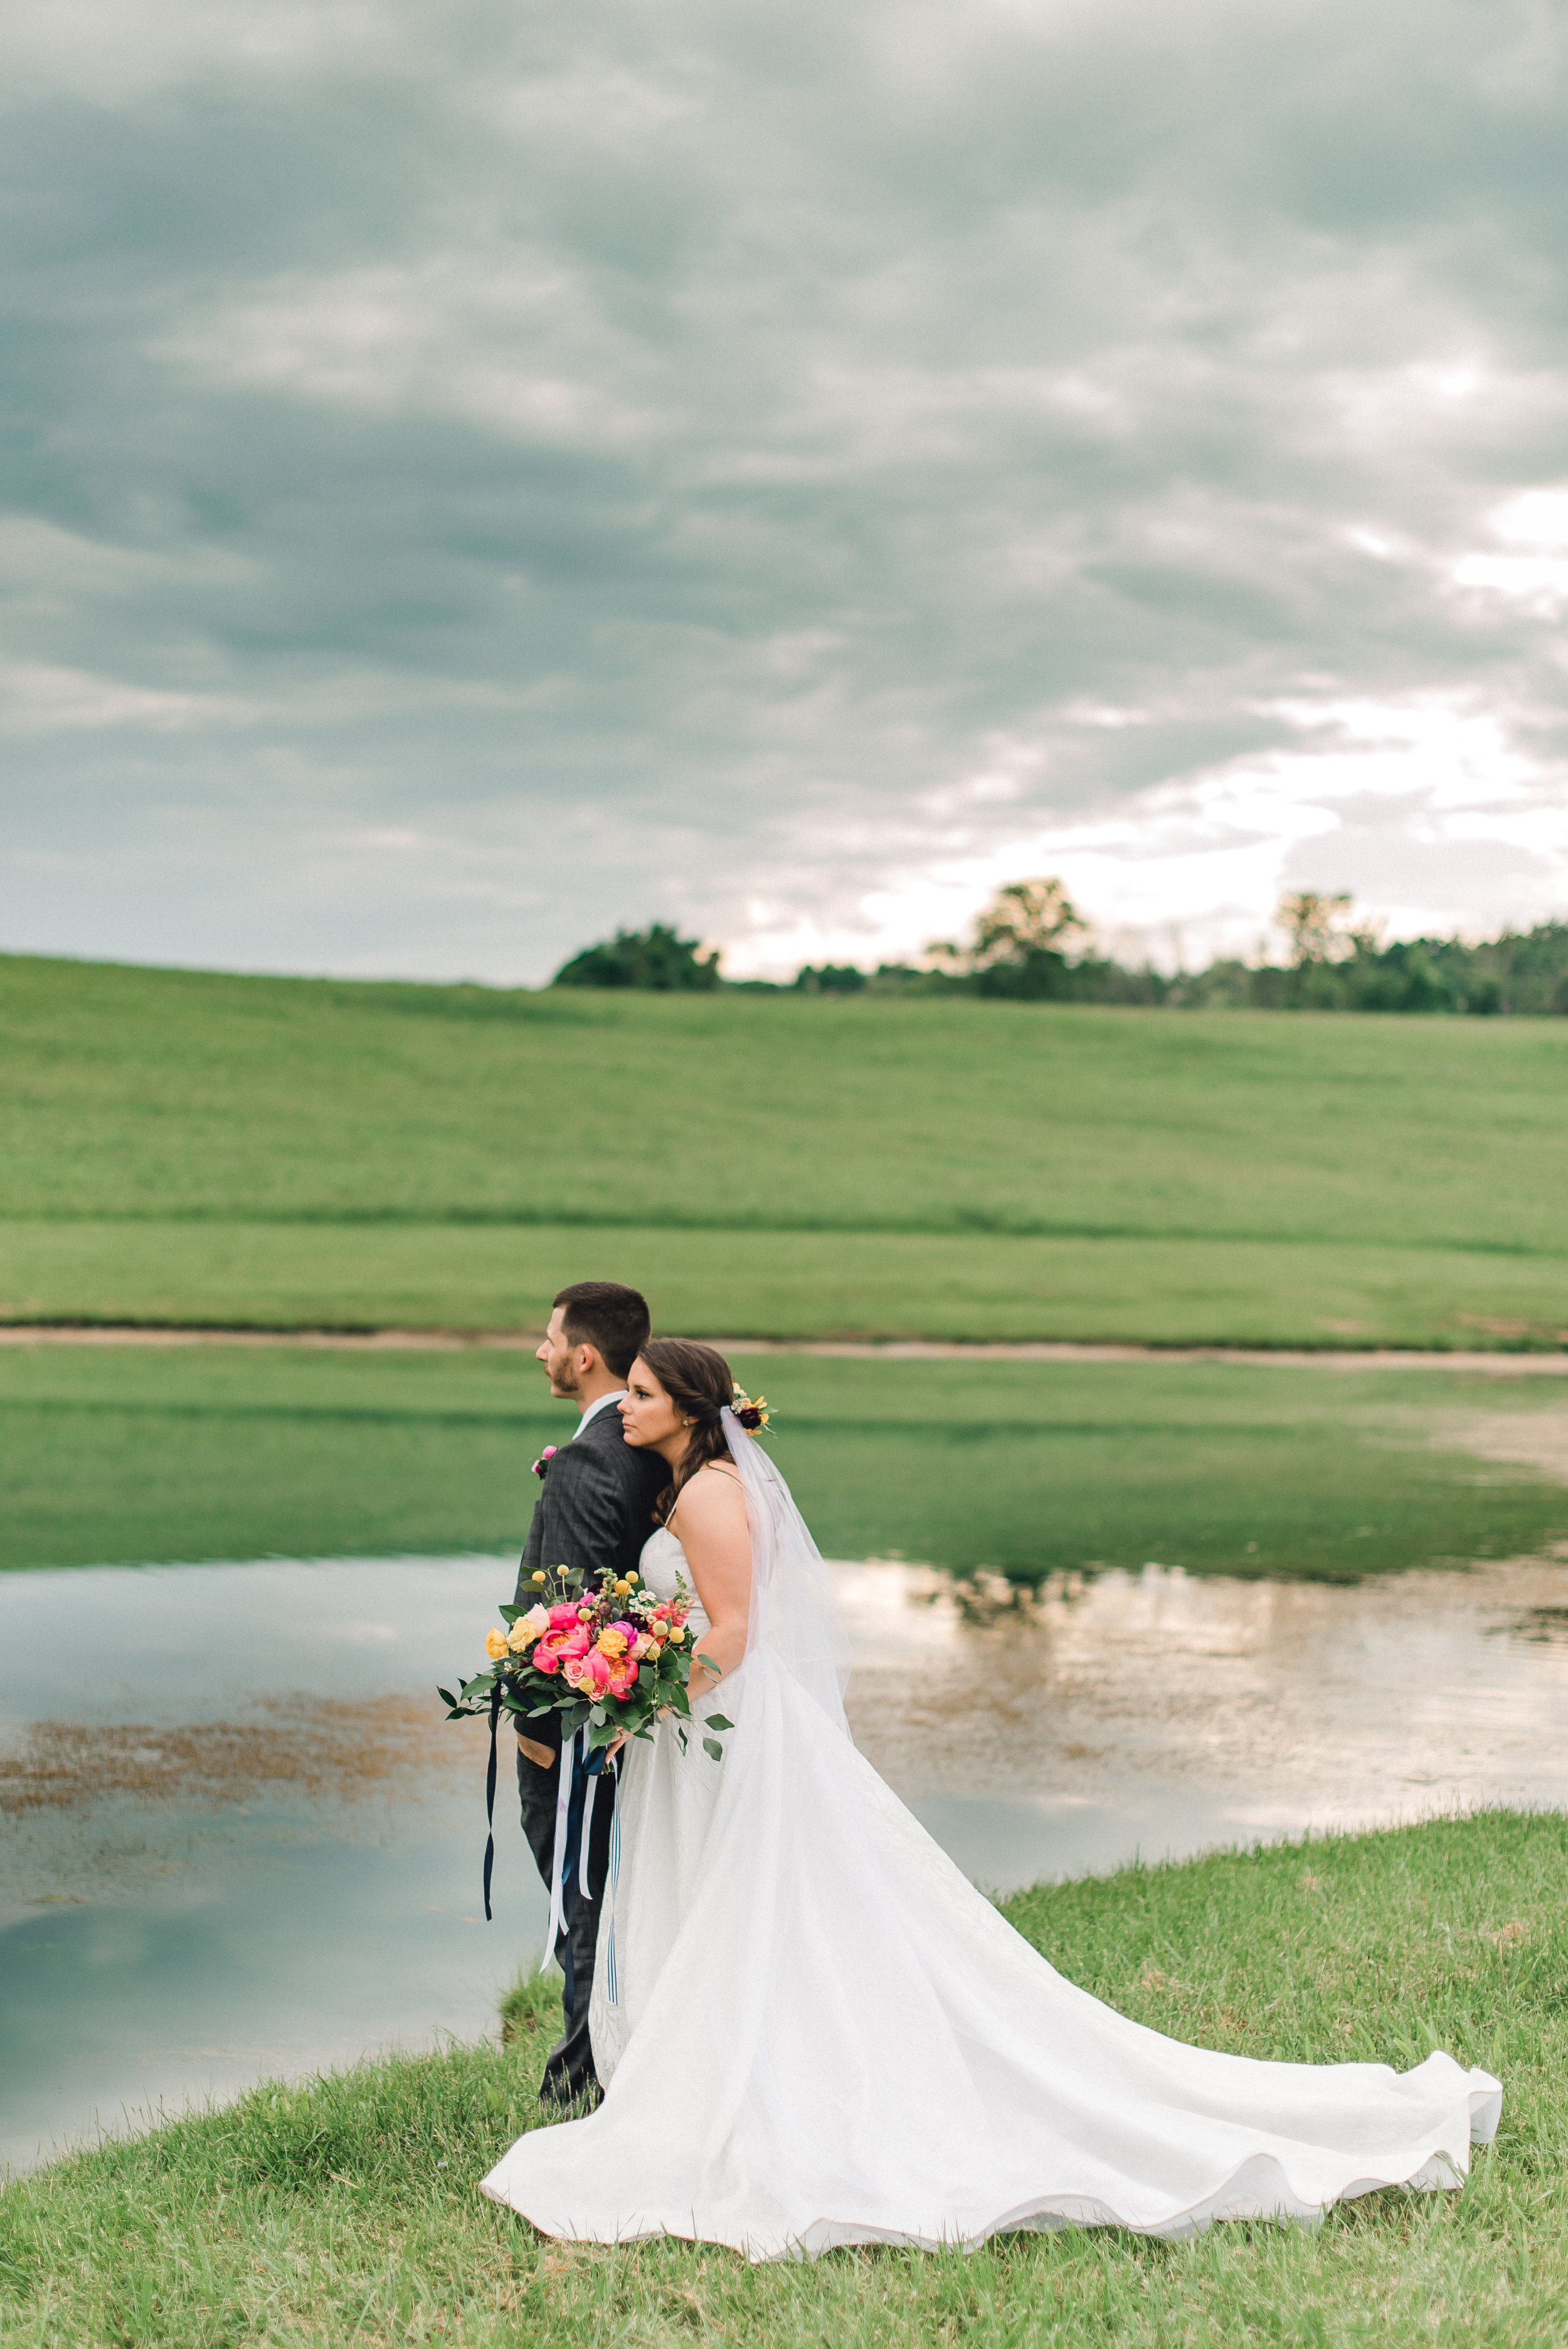 pittsburgh-wedding-bramblewood-farm-barn-wes-anderson-0035.jpg